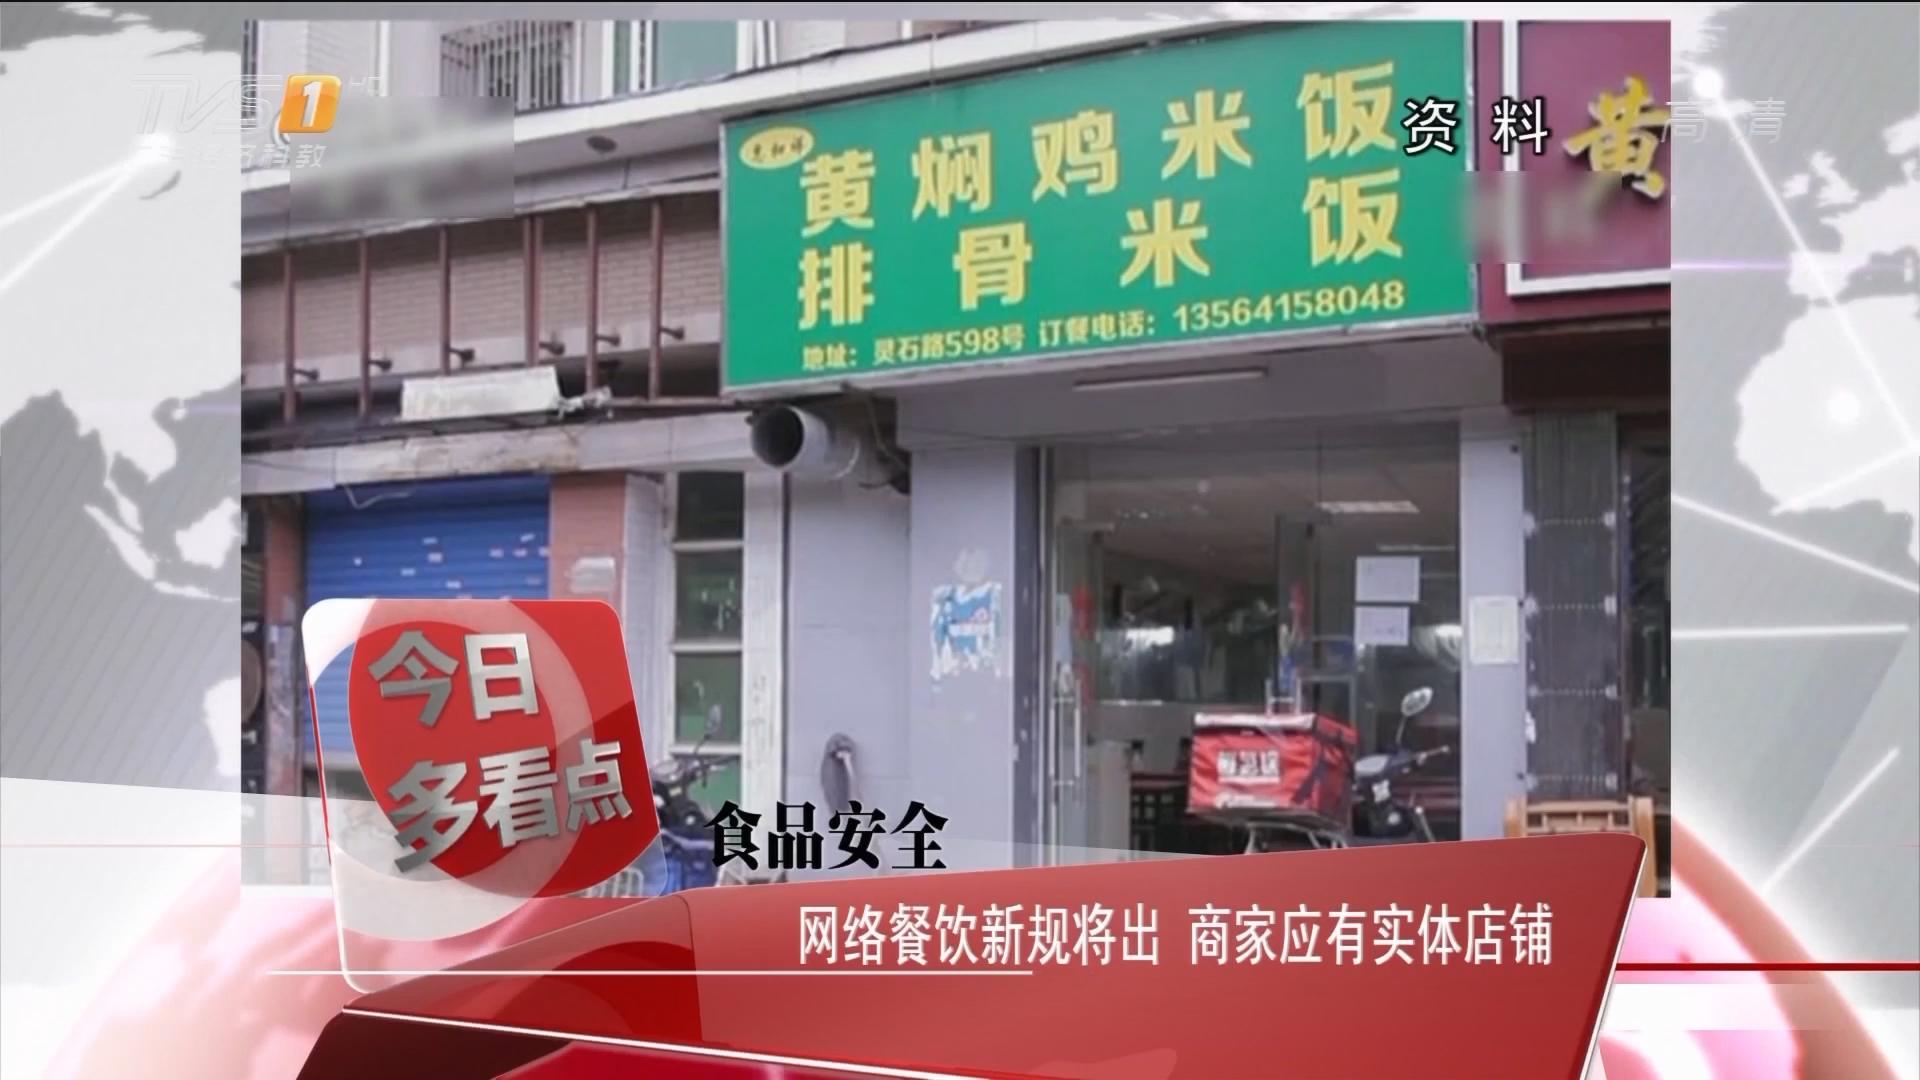 食品安全:网络餐饮新规将出 商家应有实体店铺